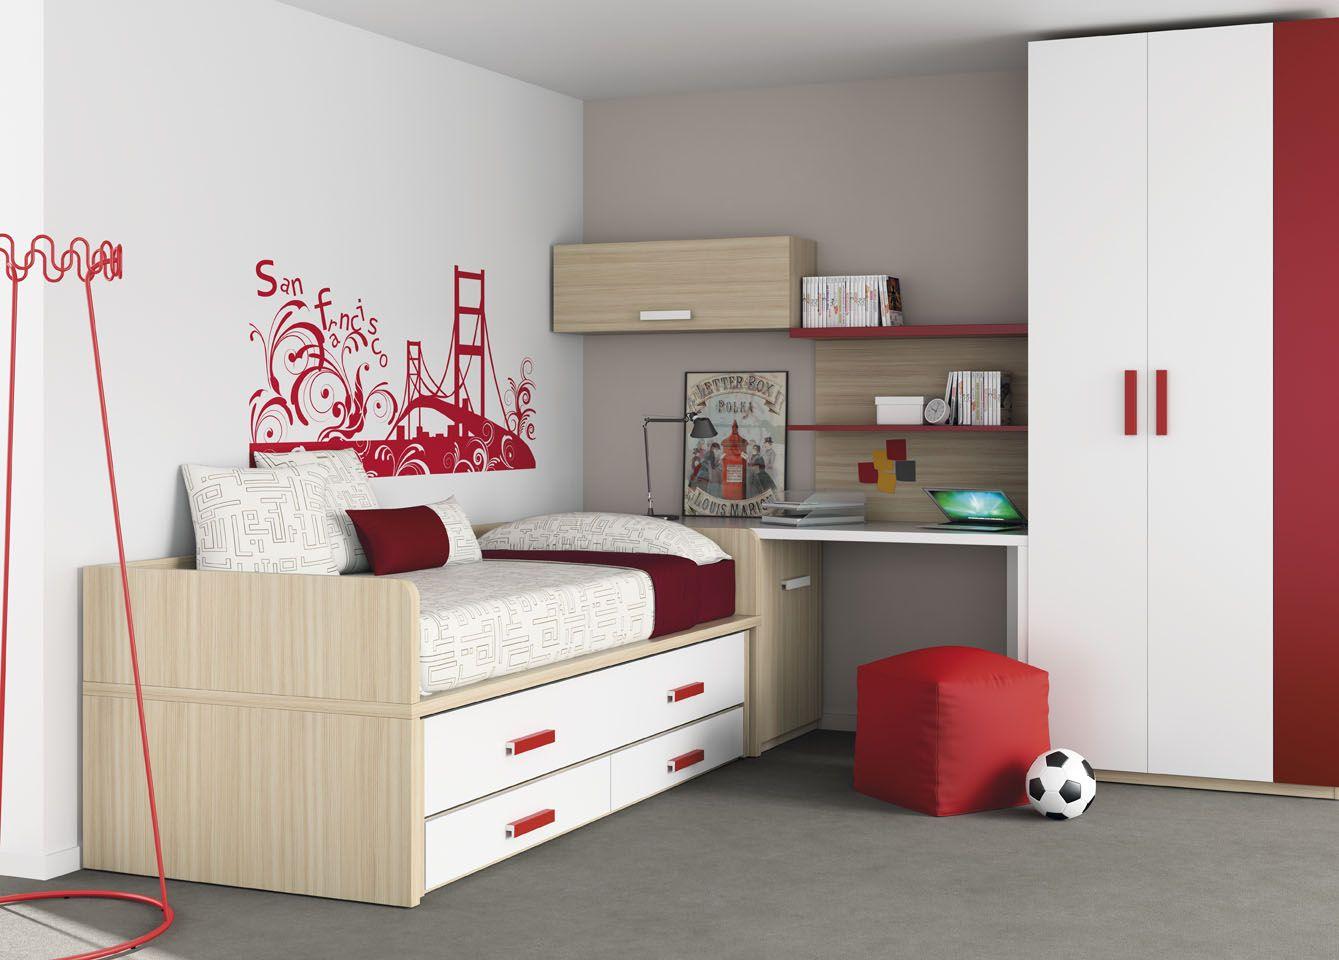 Habitaci n infantil del cat logo de mueble juvenil kids up2 de muebles ros kids up 2 - Mueble infantil valencia ...